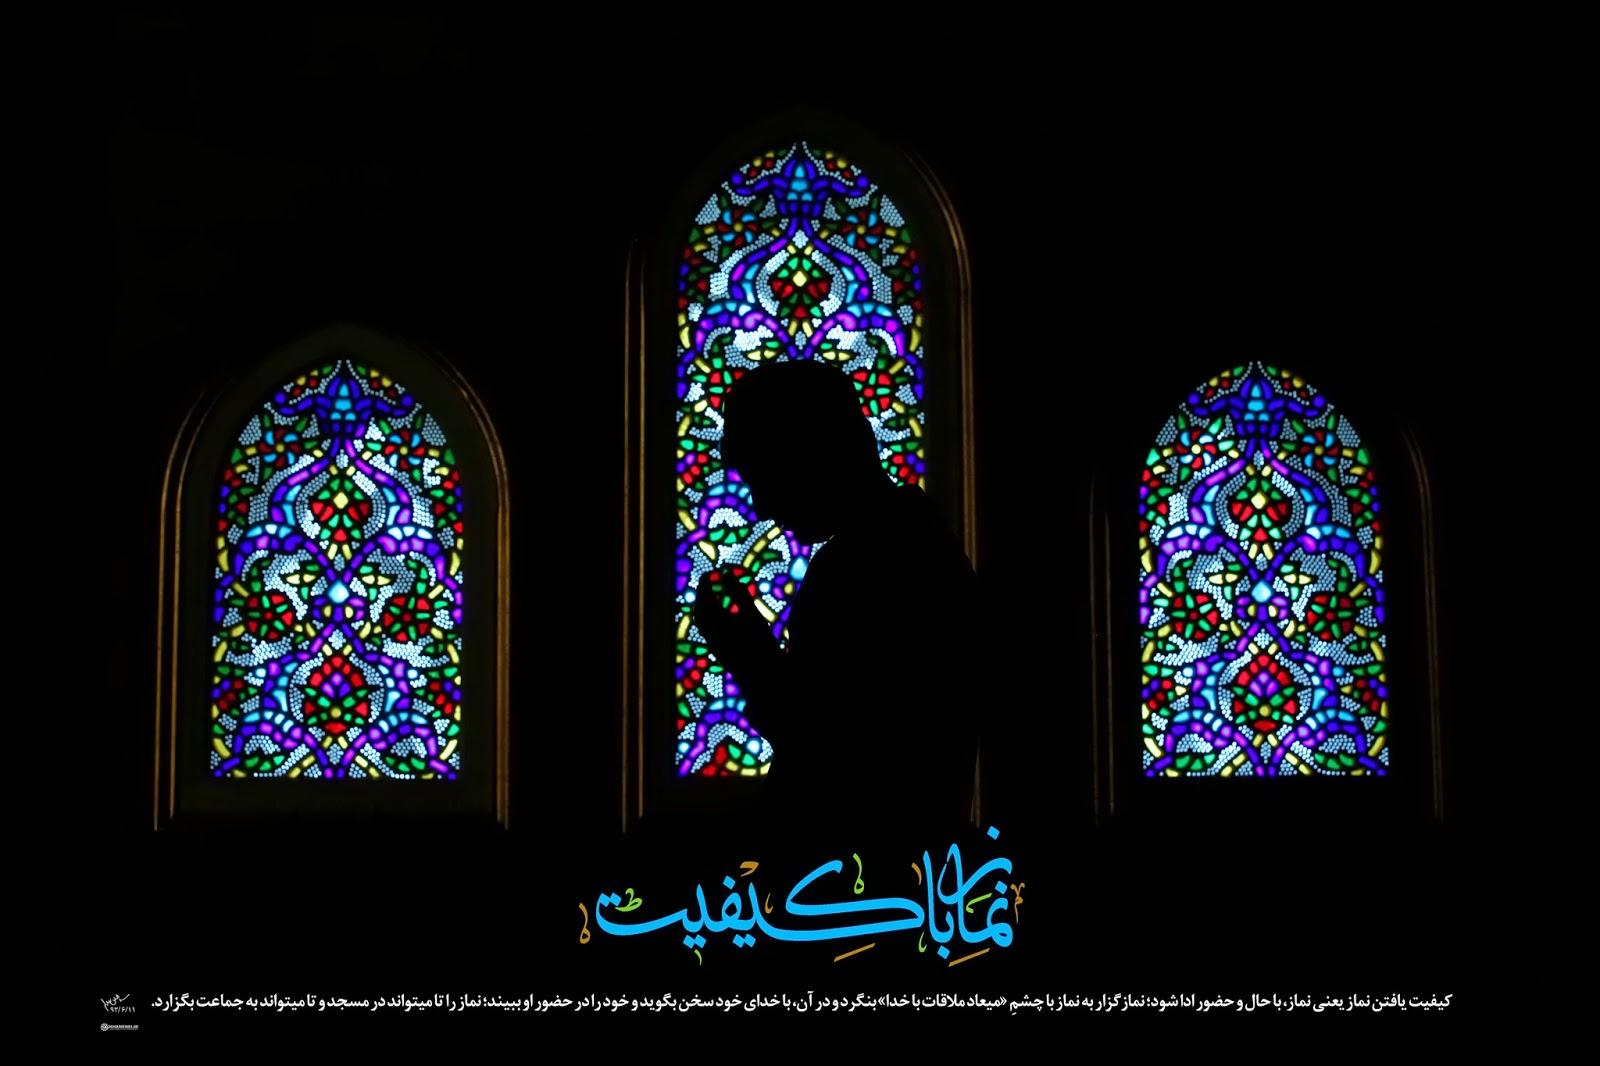 نماز با کیفیت